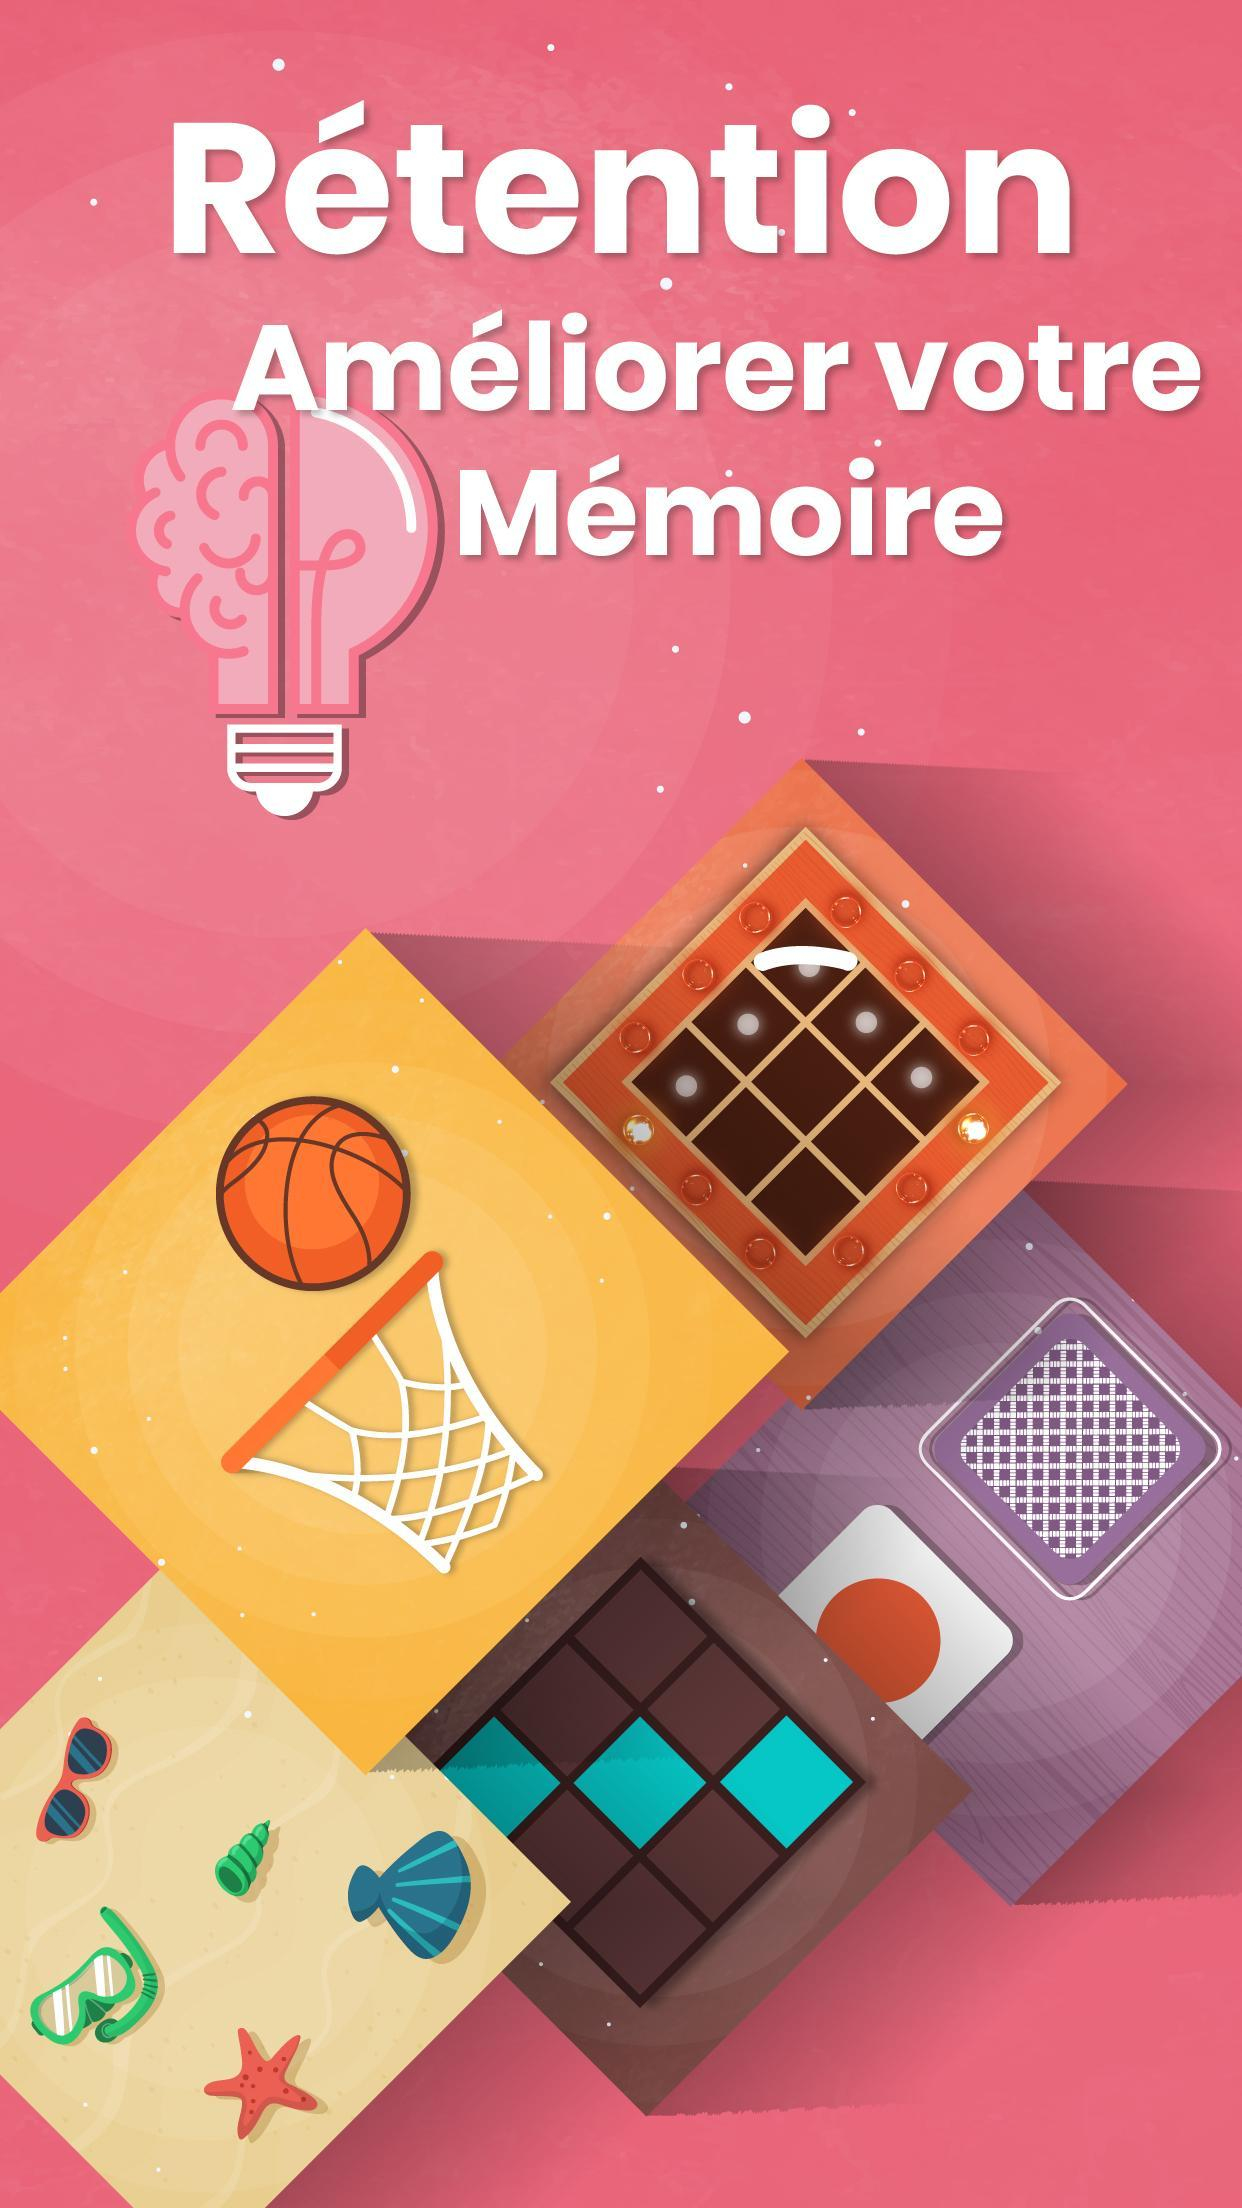 Jeux Cérébral Gratuit Pour Adultes Et Enfants Pour Android à Jeux Memoire Gratuit